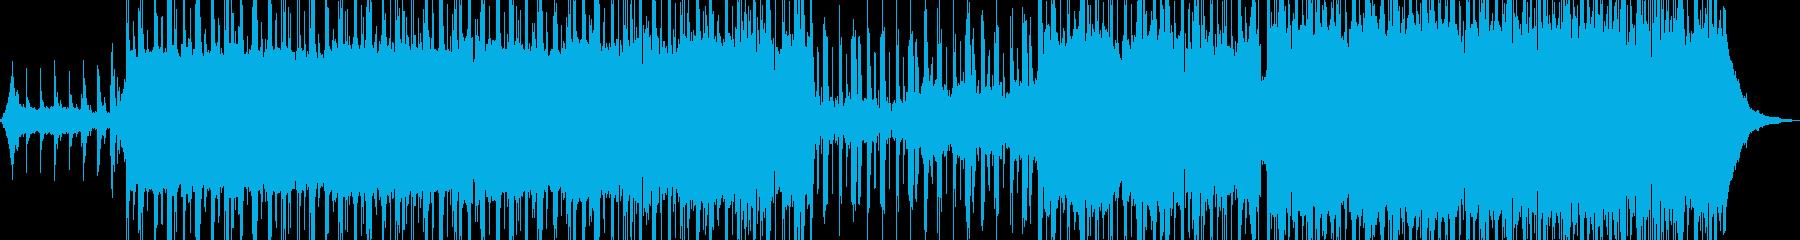 無機質でドライ・ダークなR&B Aの再生済みの波形